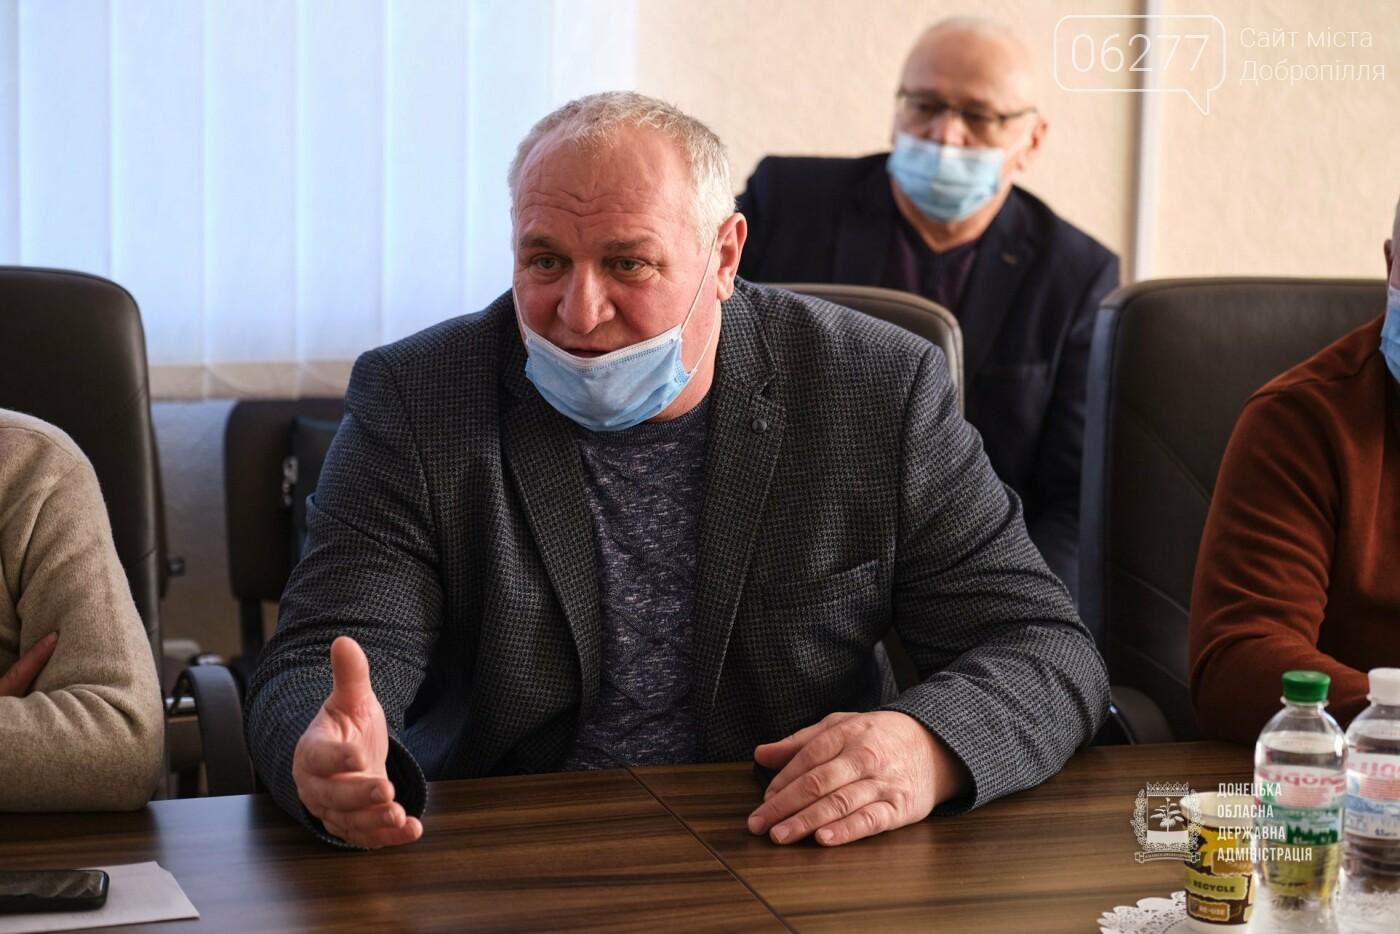 Близько 700 мільйонів гривень має надійти на шахти Донеччини для погашення заборгованості із зарплати, фото-4